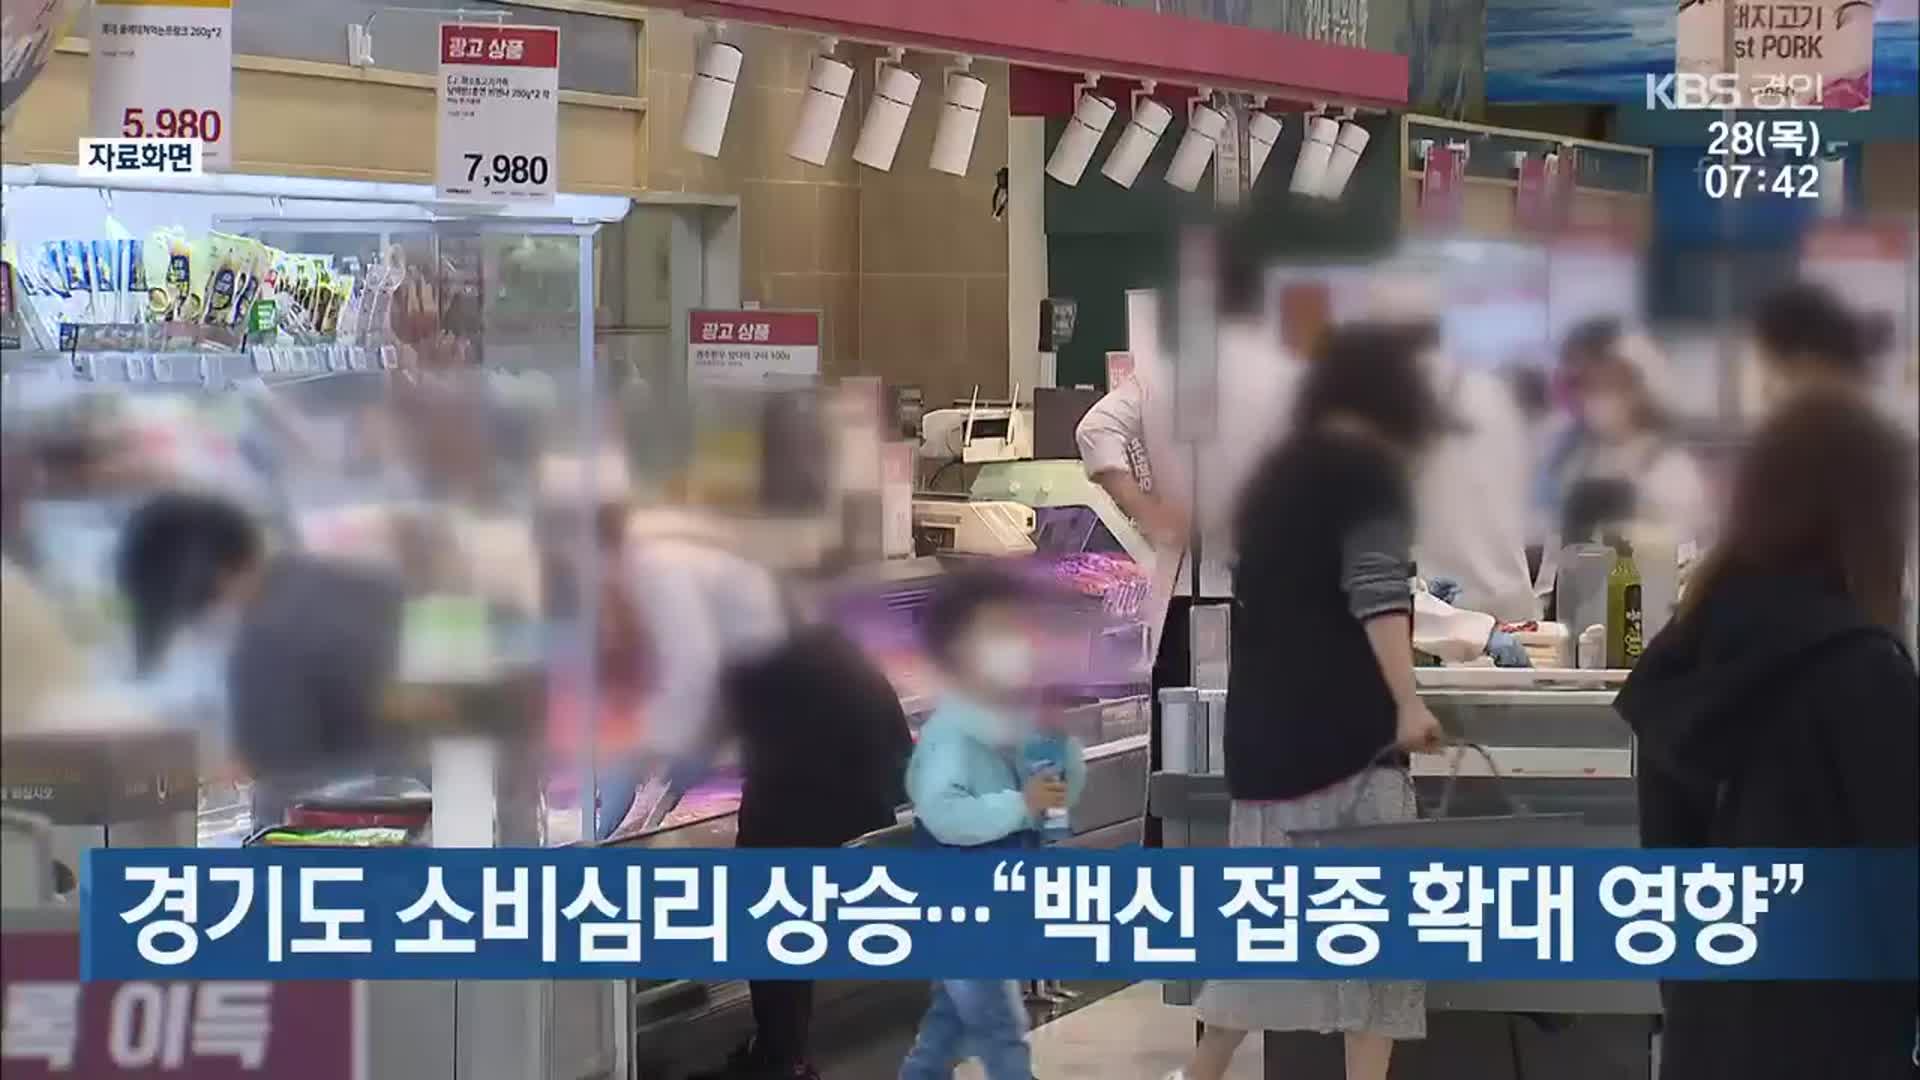 """경기도 소비심리 상승…""""백신 접종 확대 영향"""""""